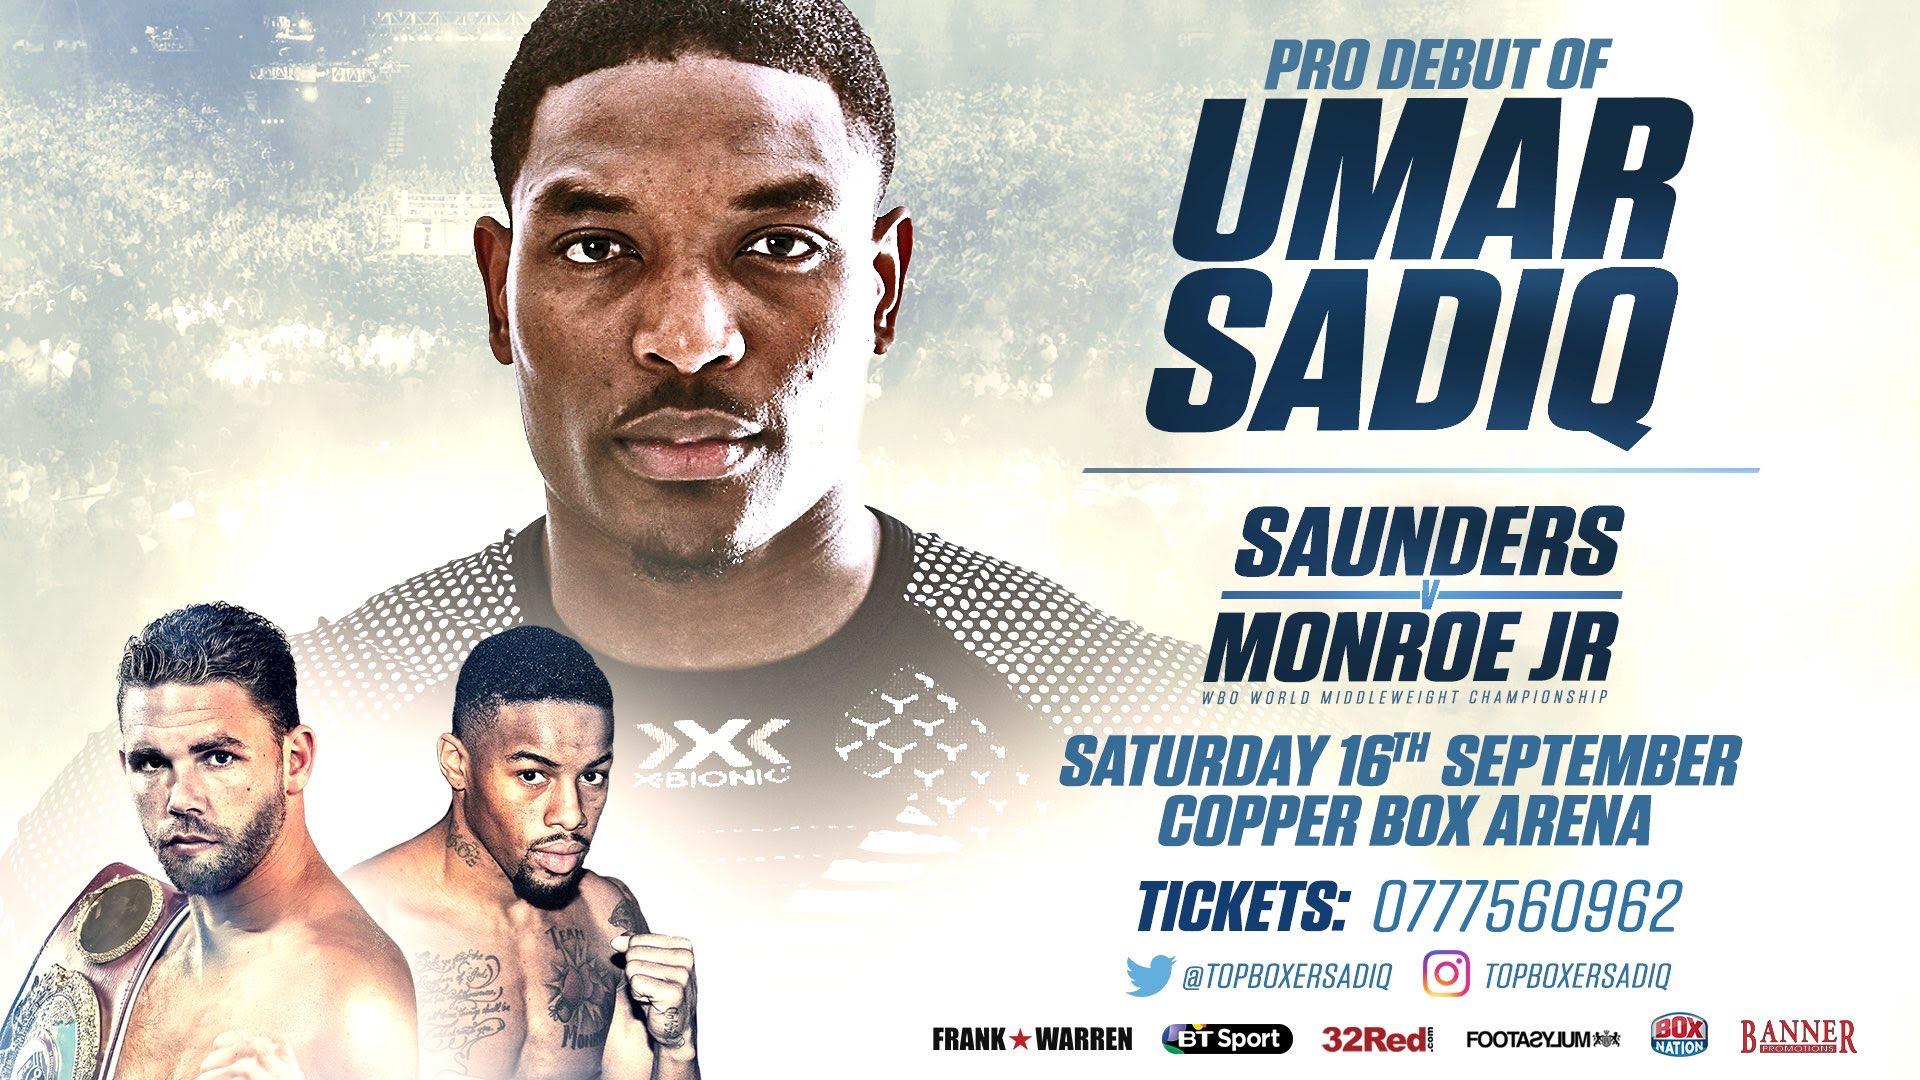 Umar Sadiq